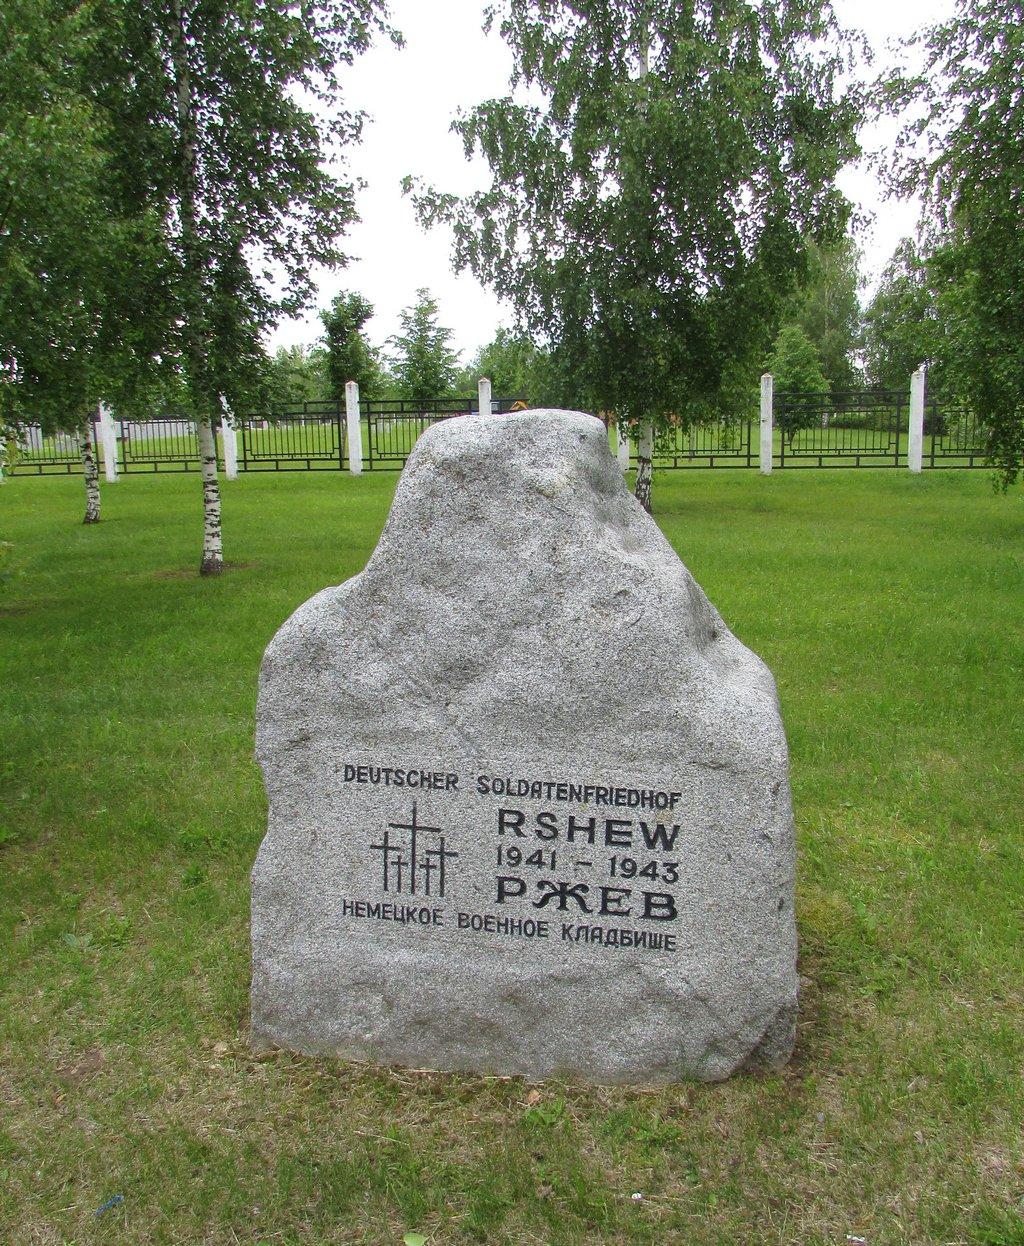 Памятный камень у немецкого кладбища